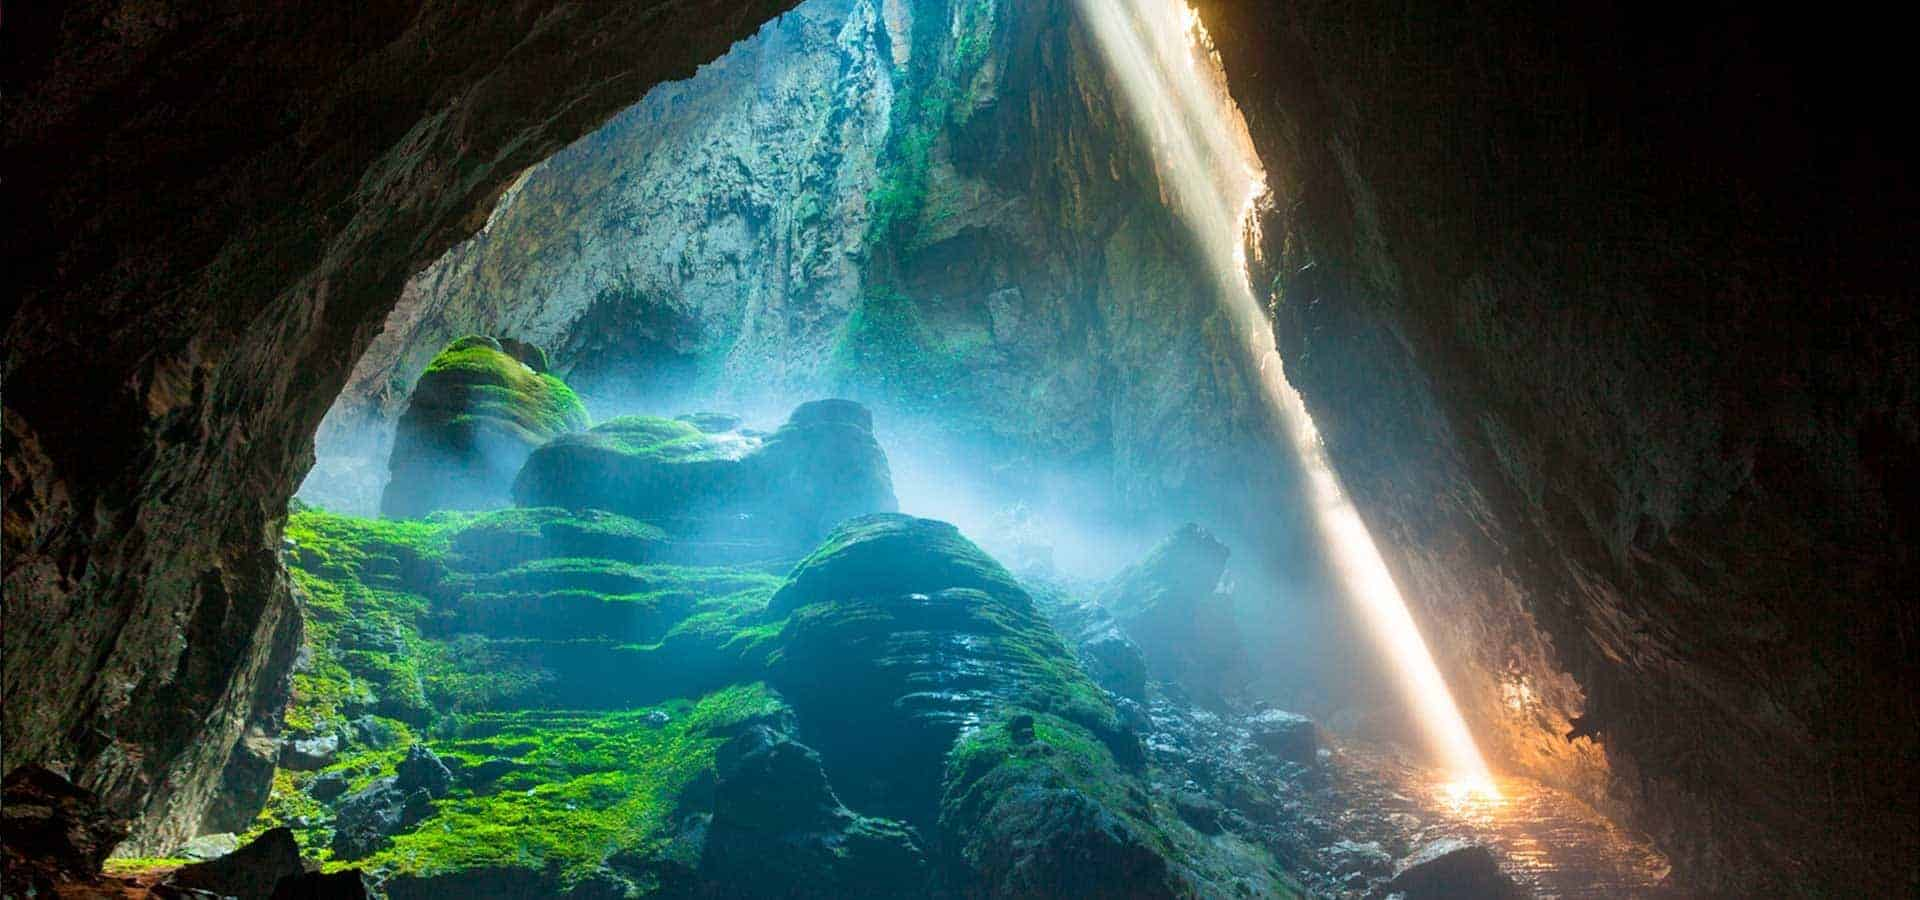 Verdens største grotte. Son Doong grotten. Vietnam